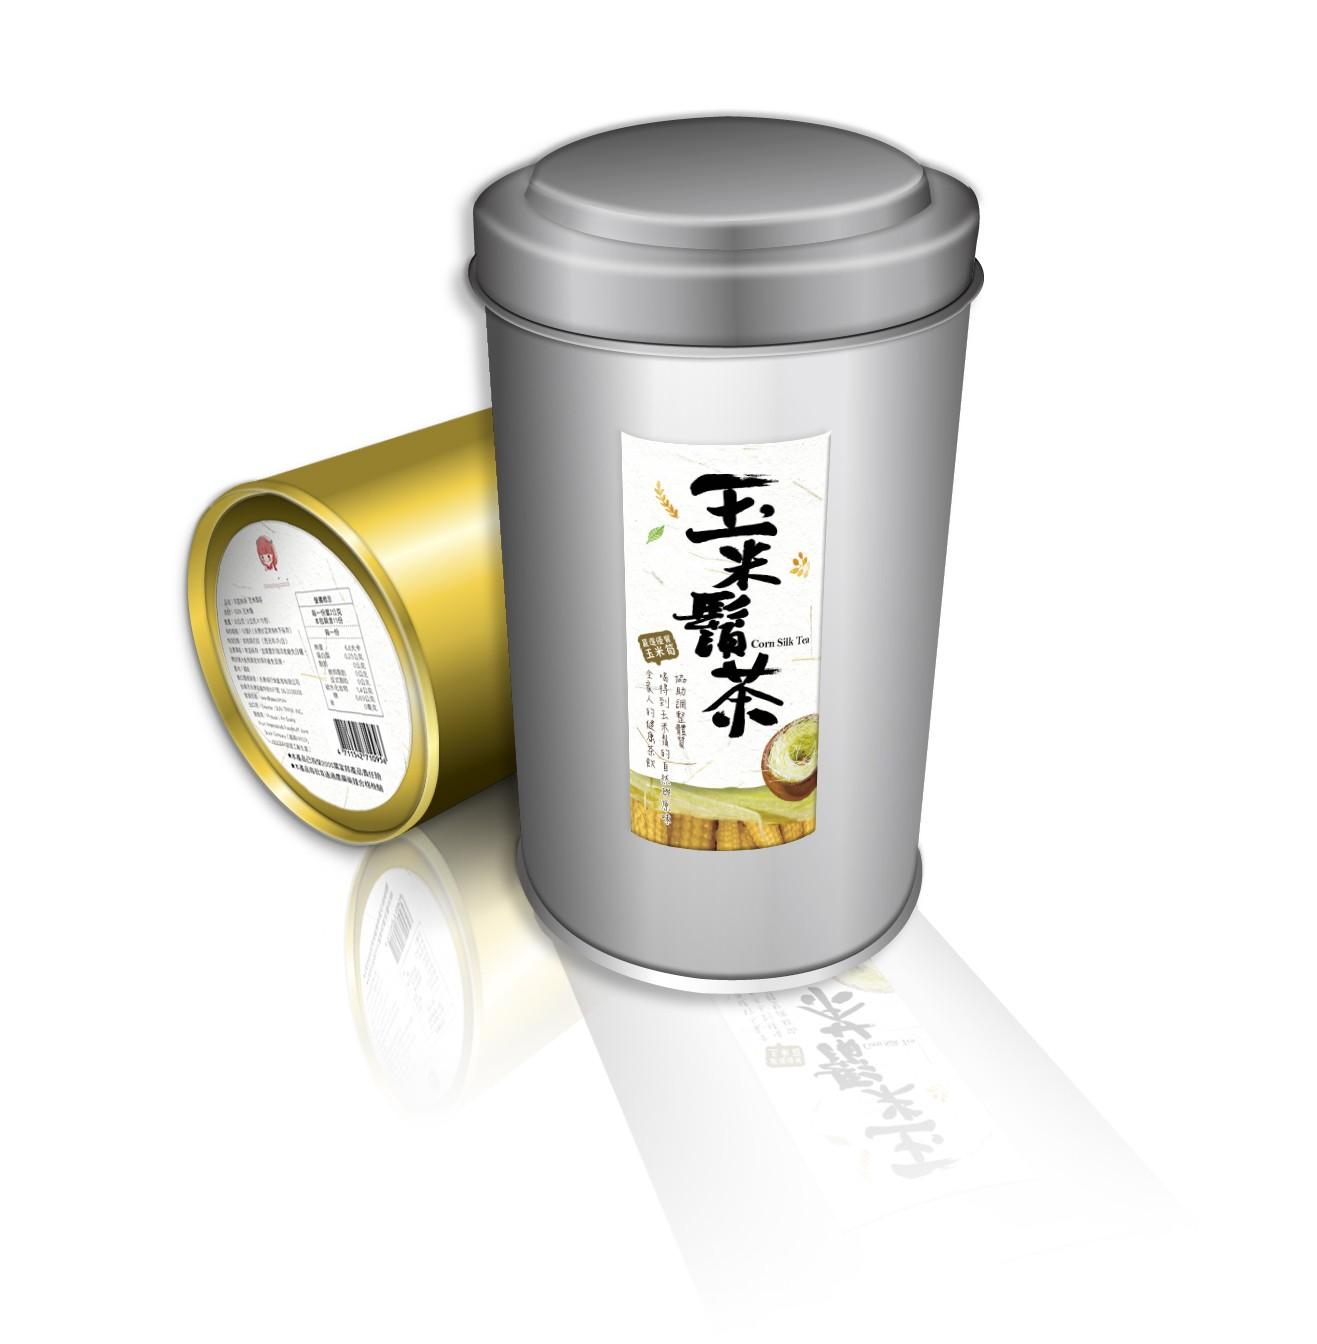 【雙笙妹妹】玉米鬚茶 *鐵罐包裝組合* (缺貨中,預訂到貨日5月中旬)